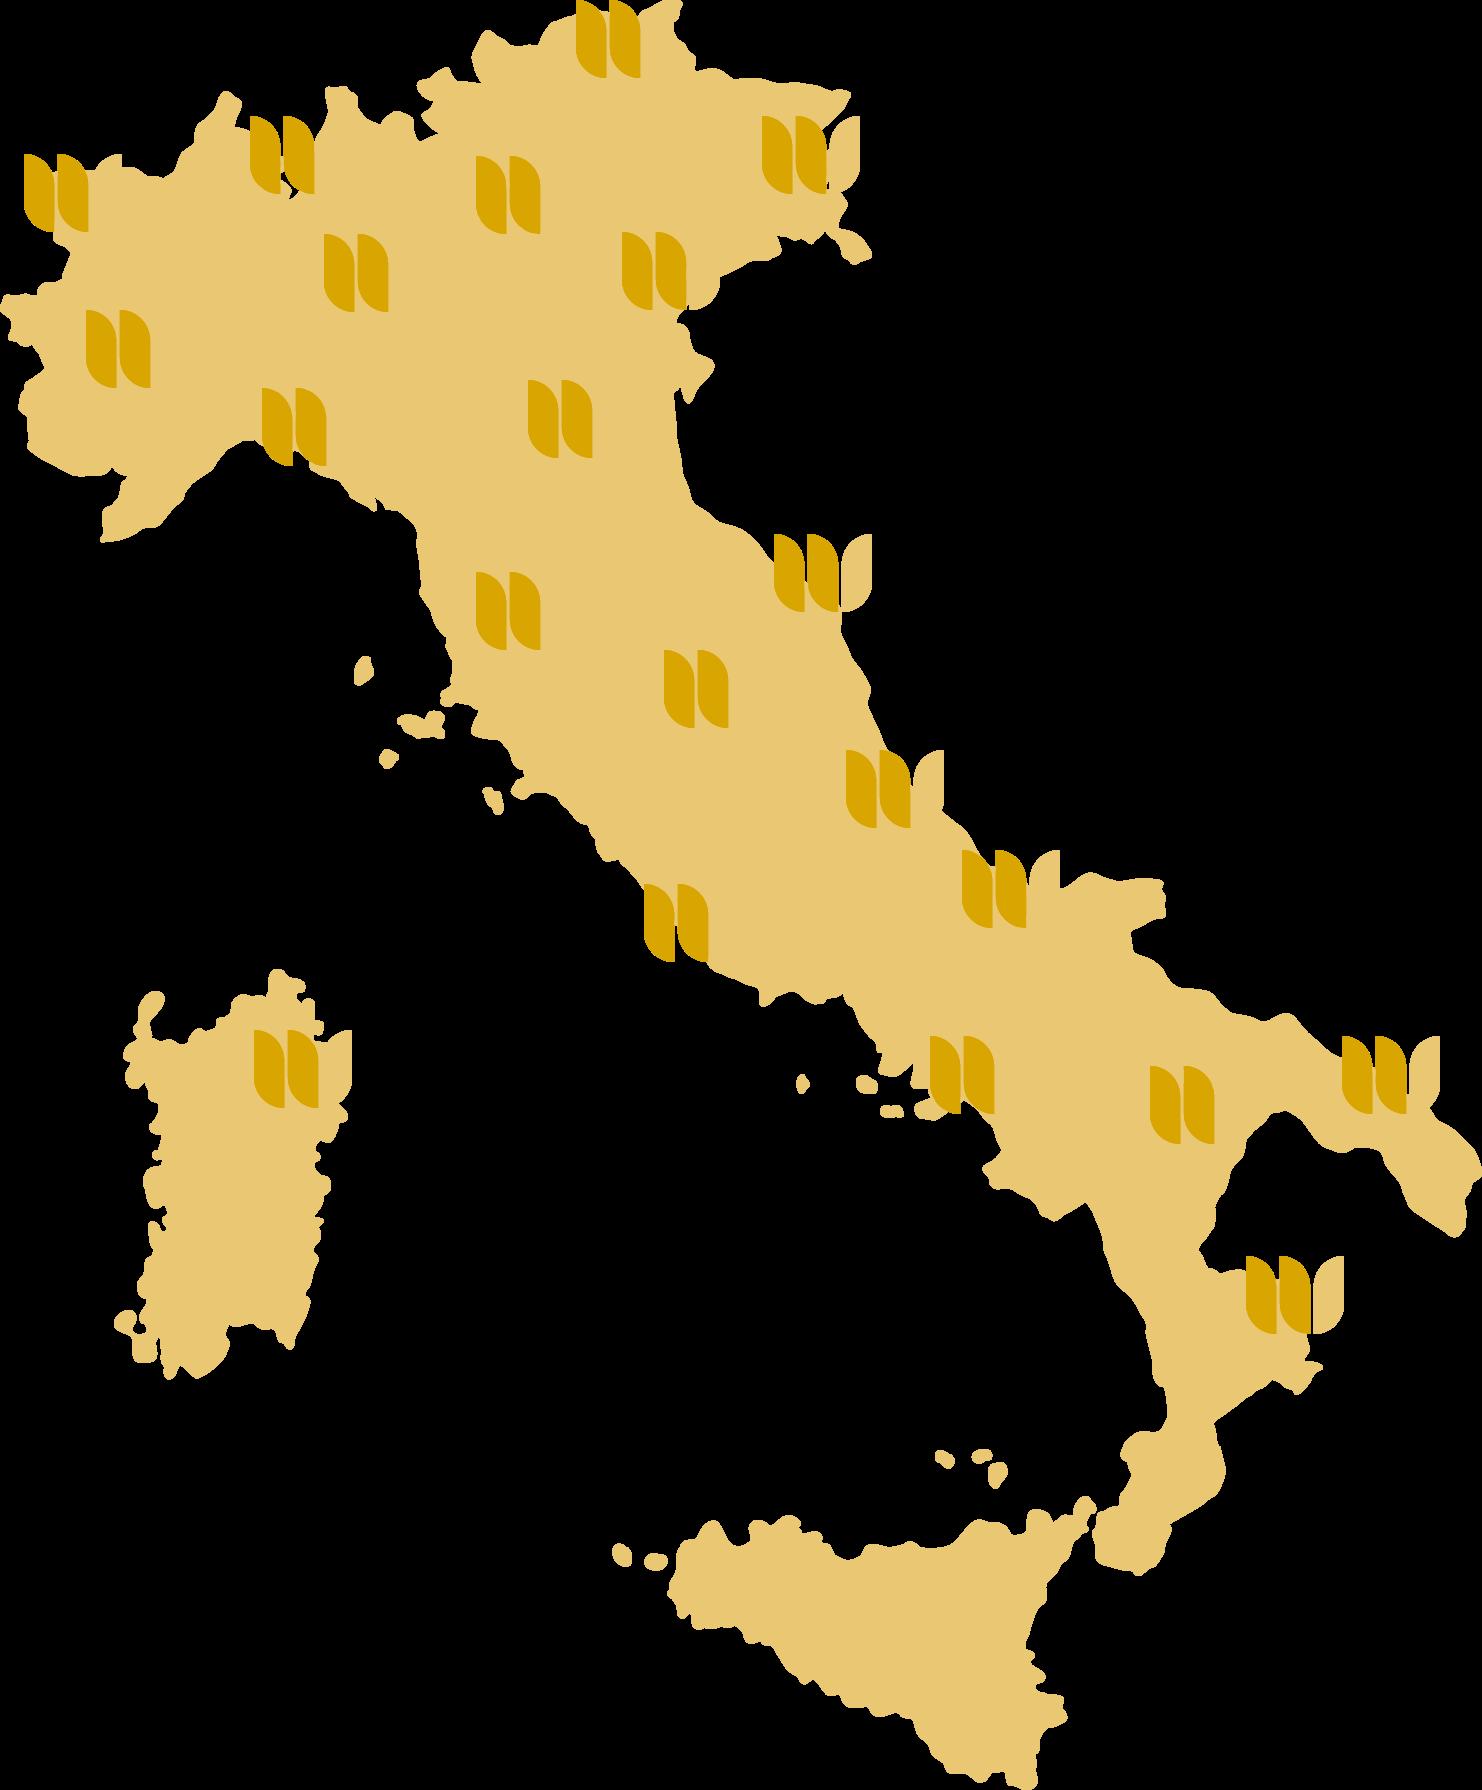 italia molitoria umbra